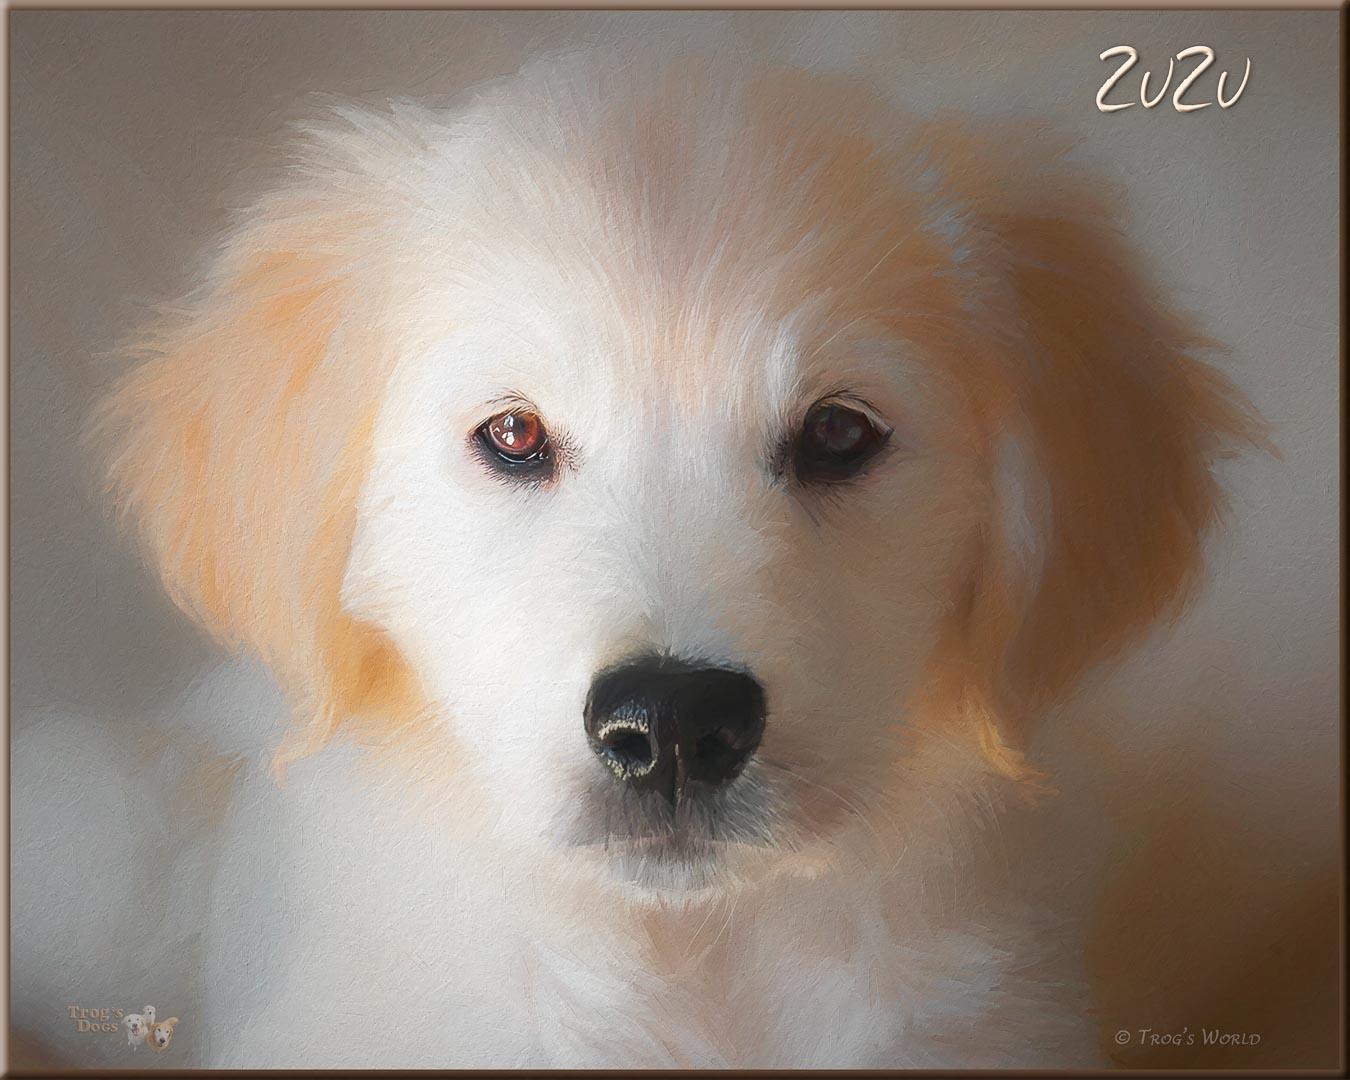 Portrait of Golden Retriever puppy